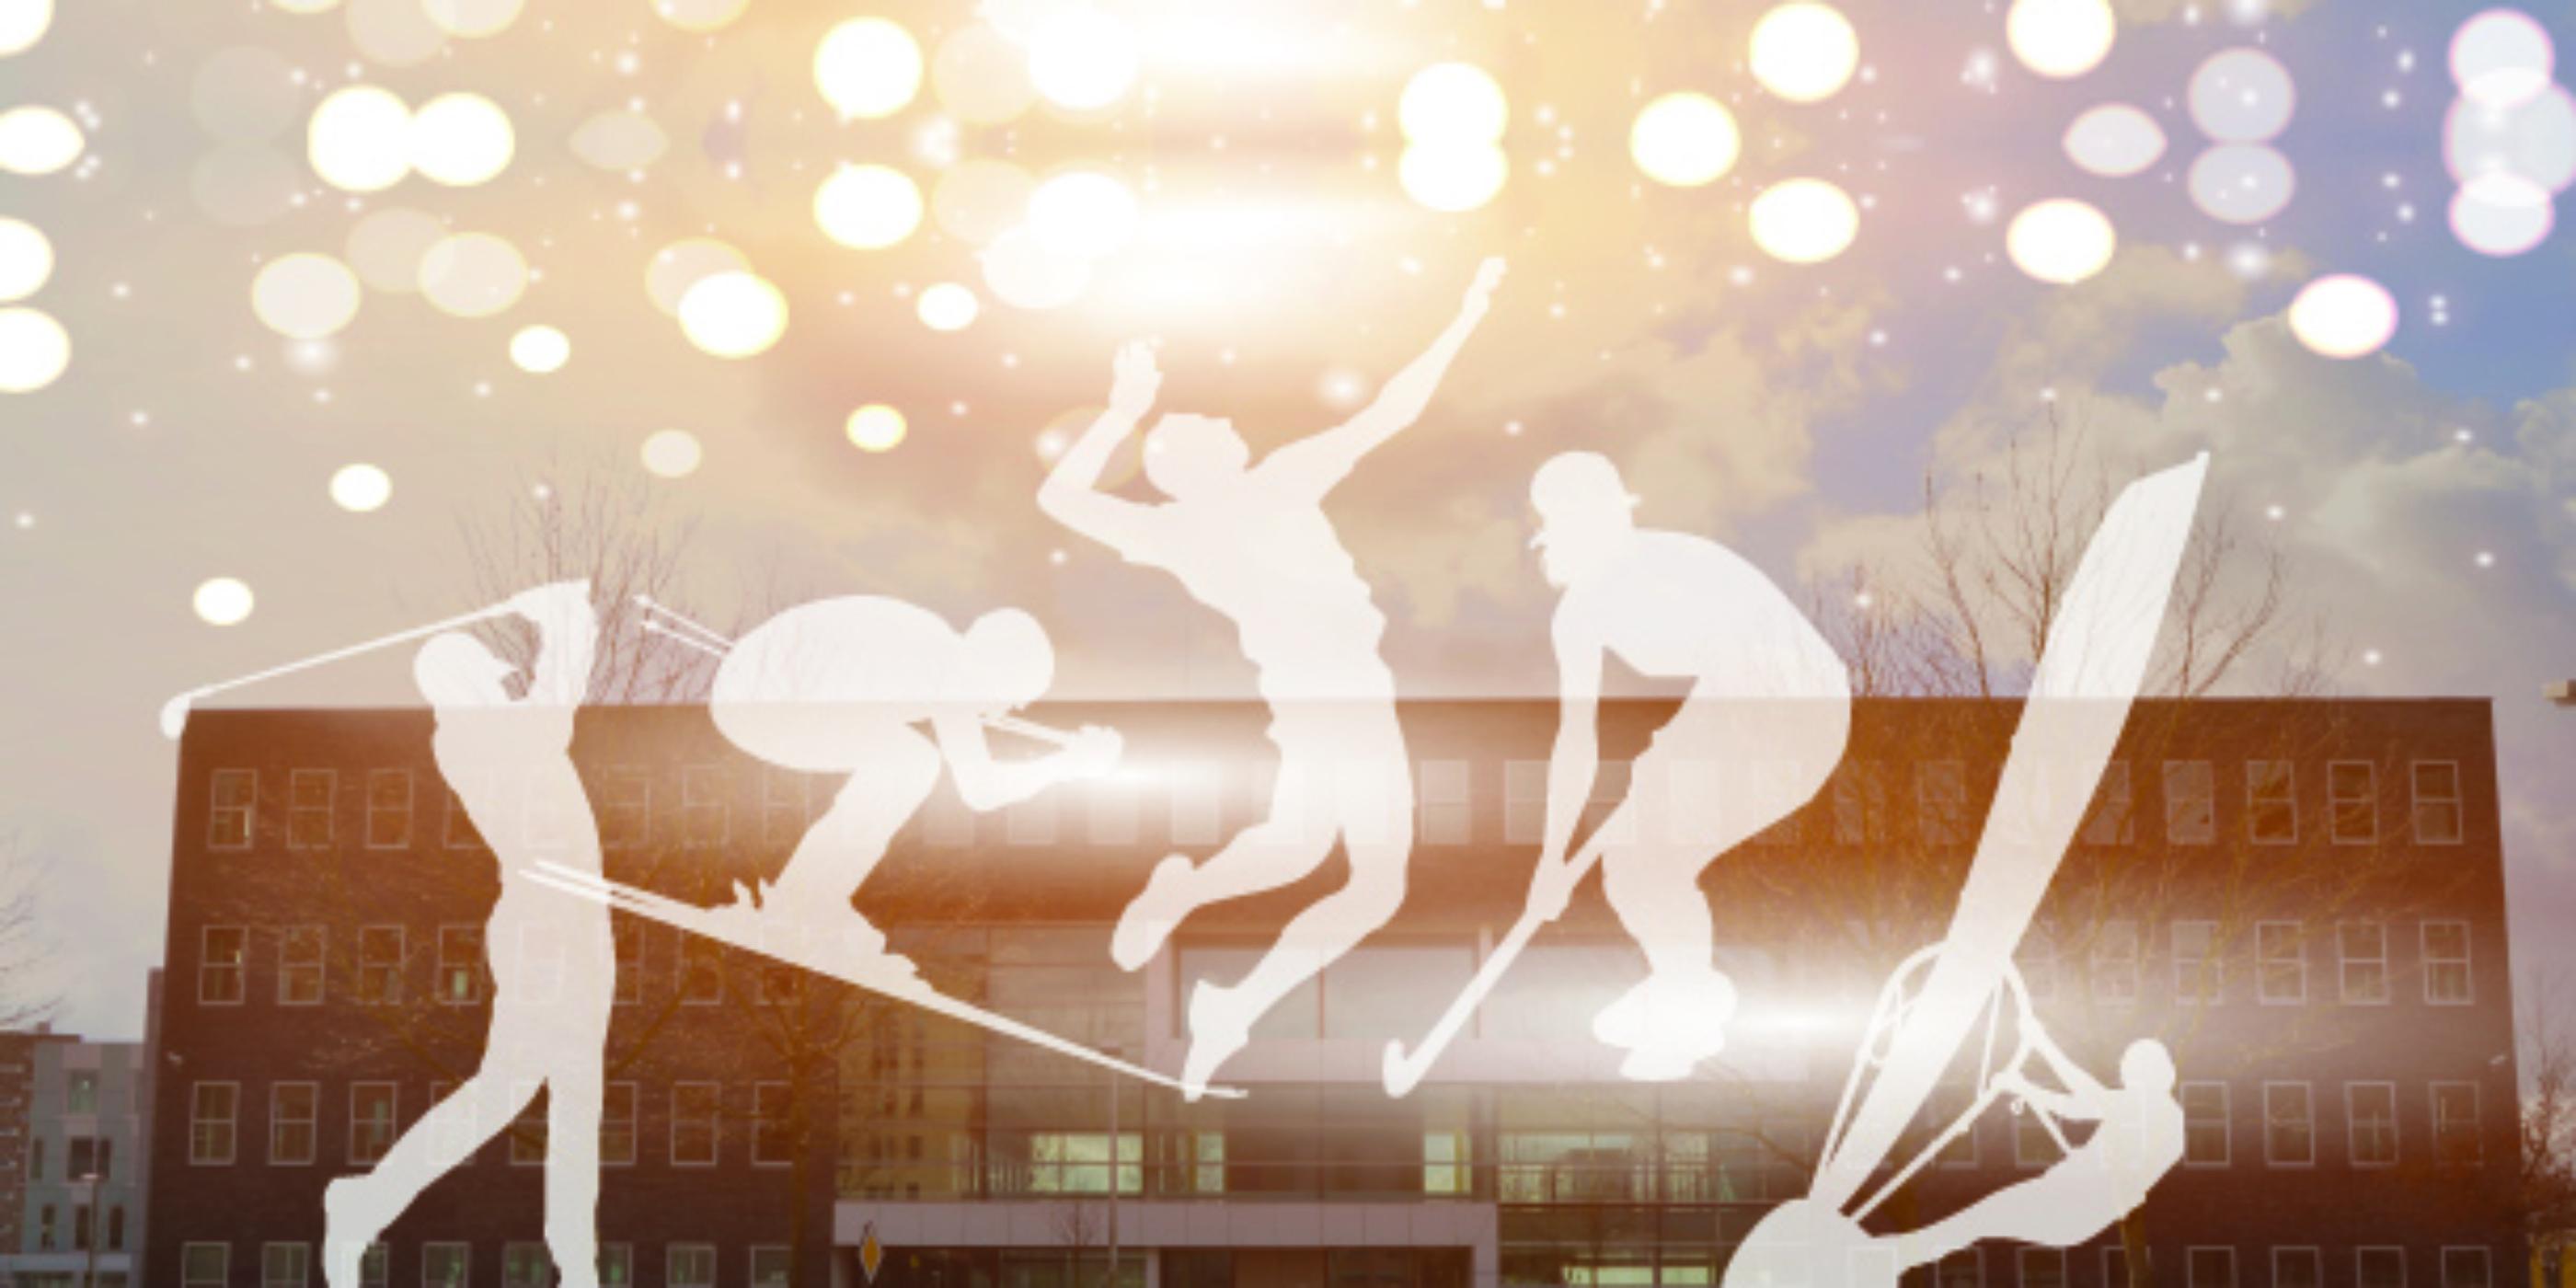 Vijf sportbonden bundelen krachten op Papendorp